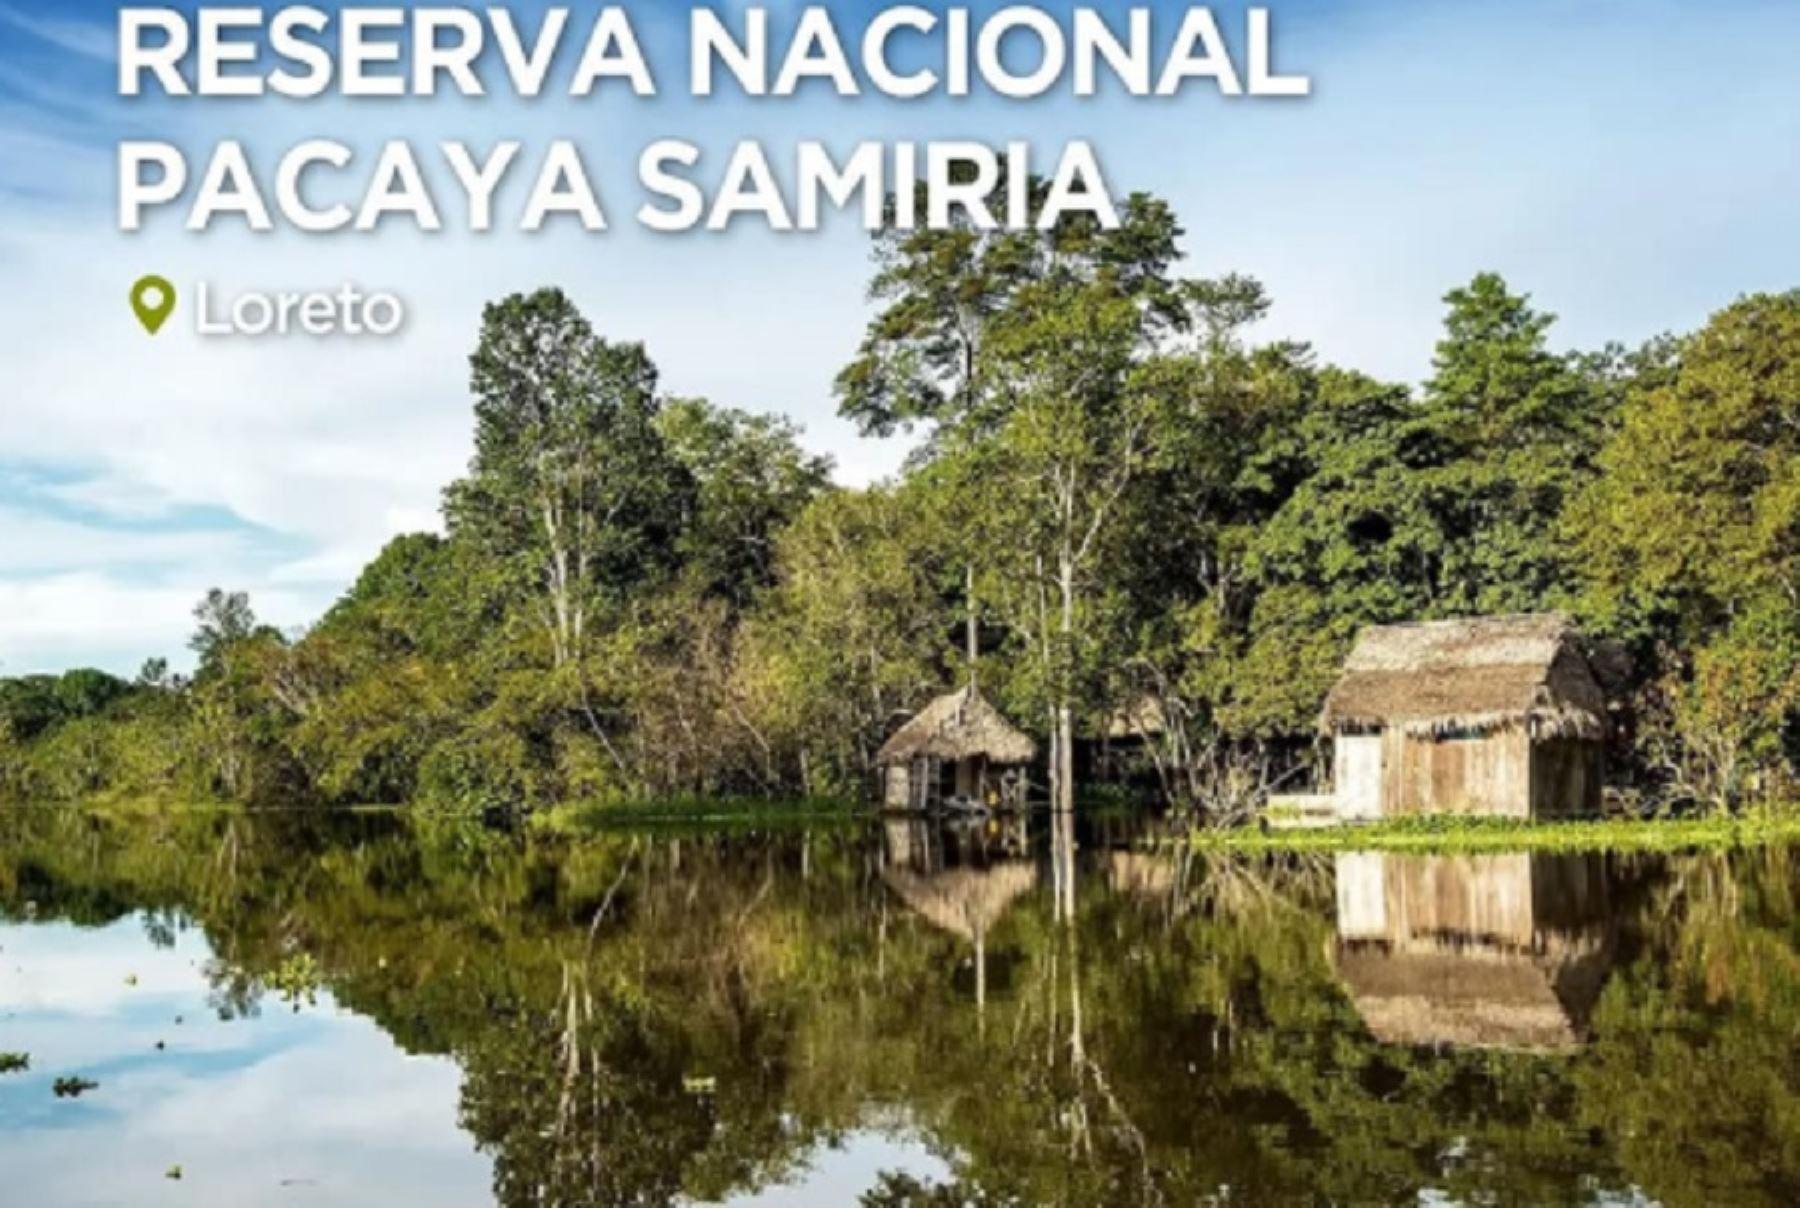 ¿Cuáles son los nueve destinos del Perú reconocidos entre los más sostenibles del mundo?